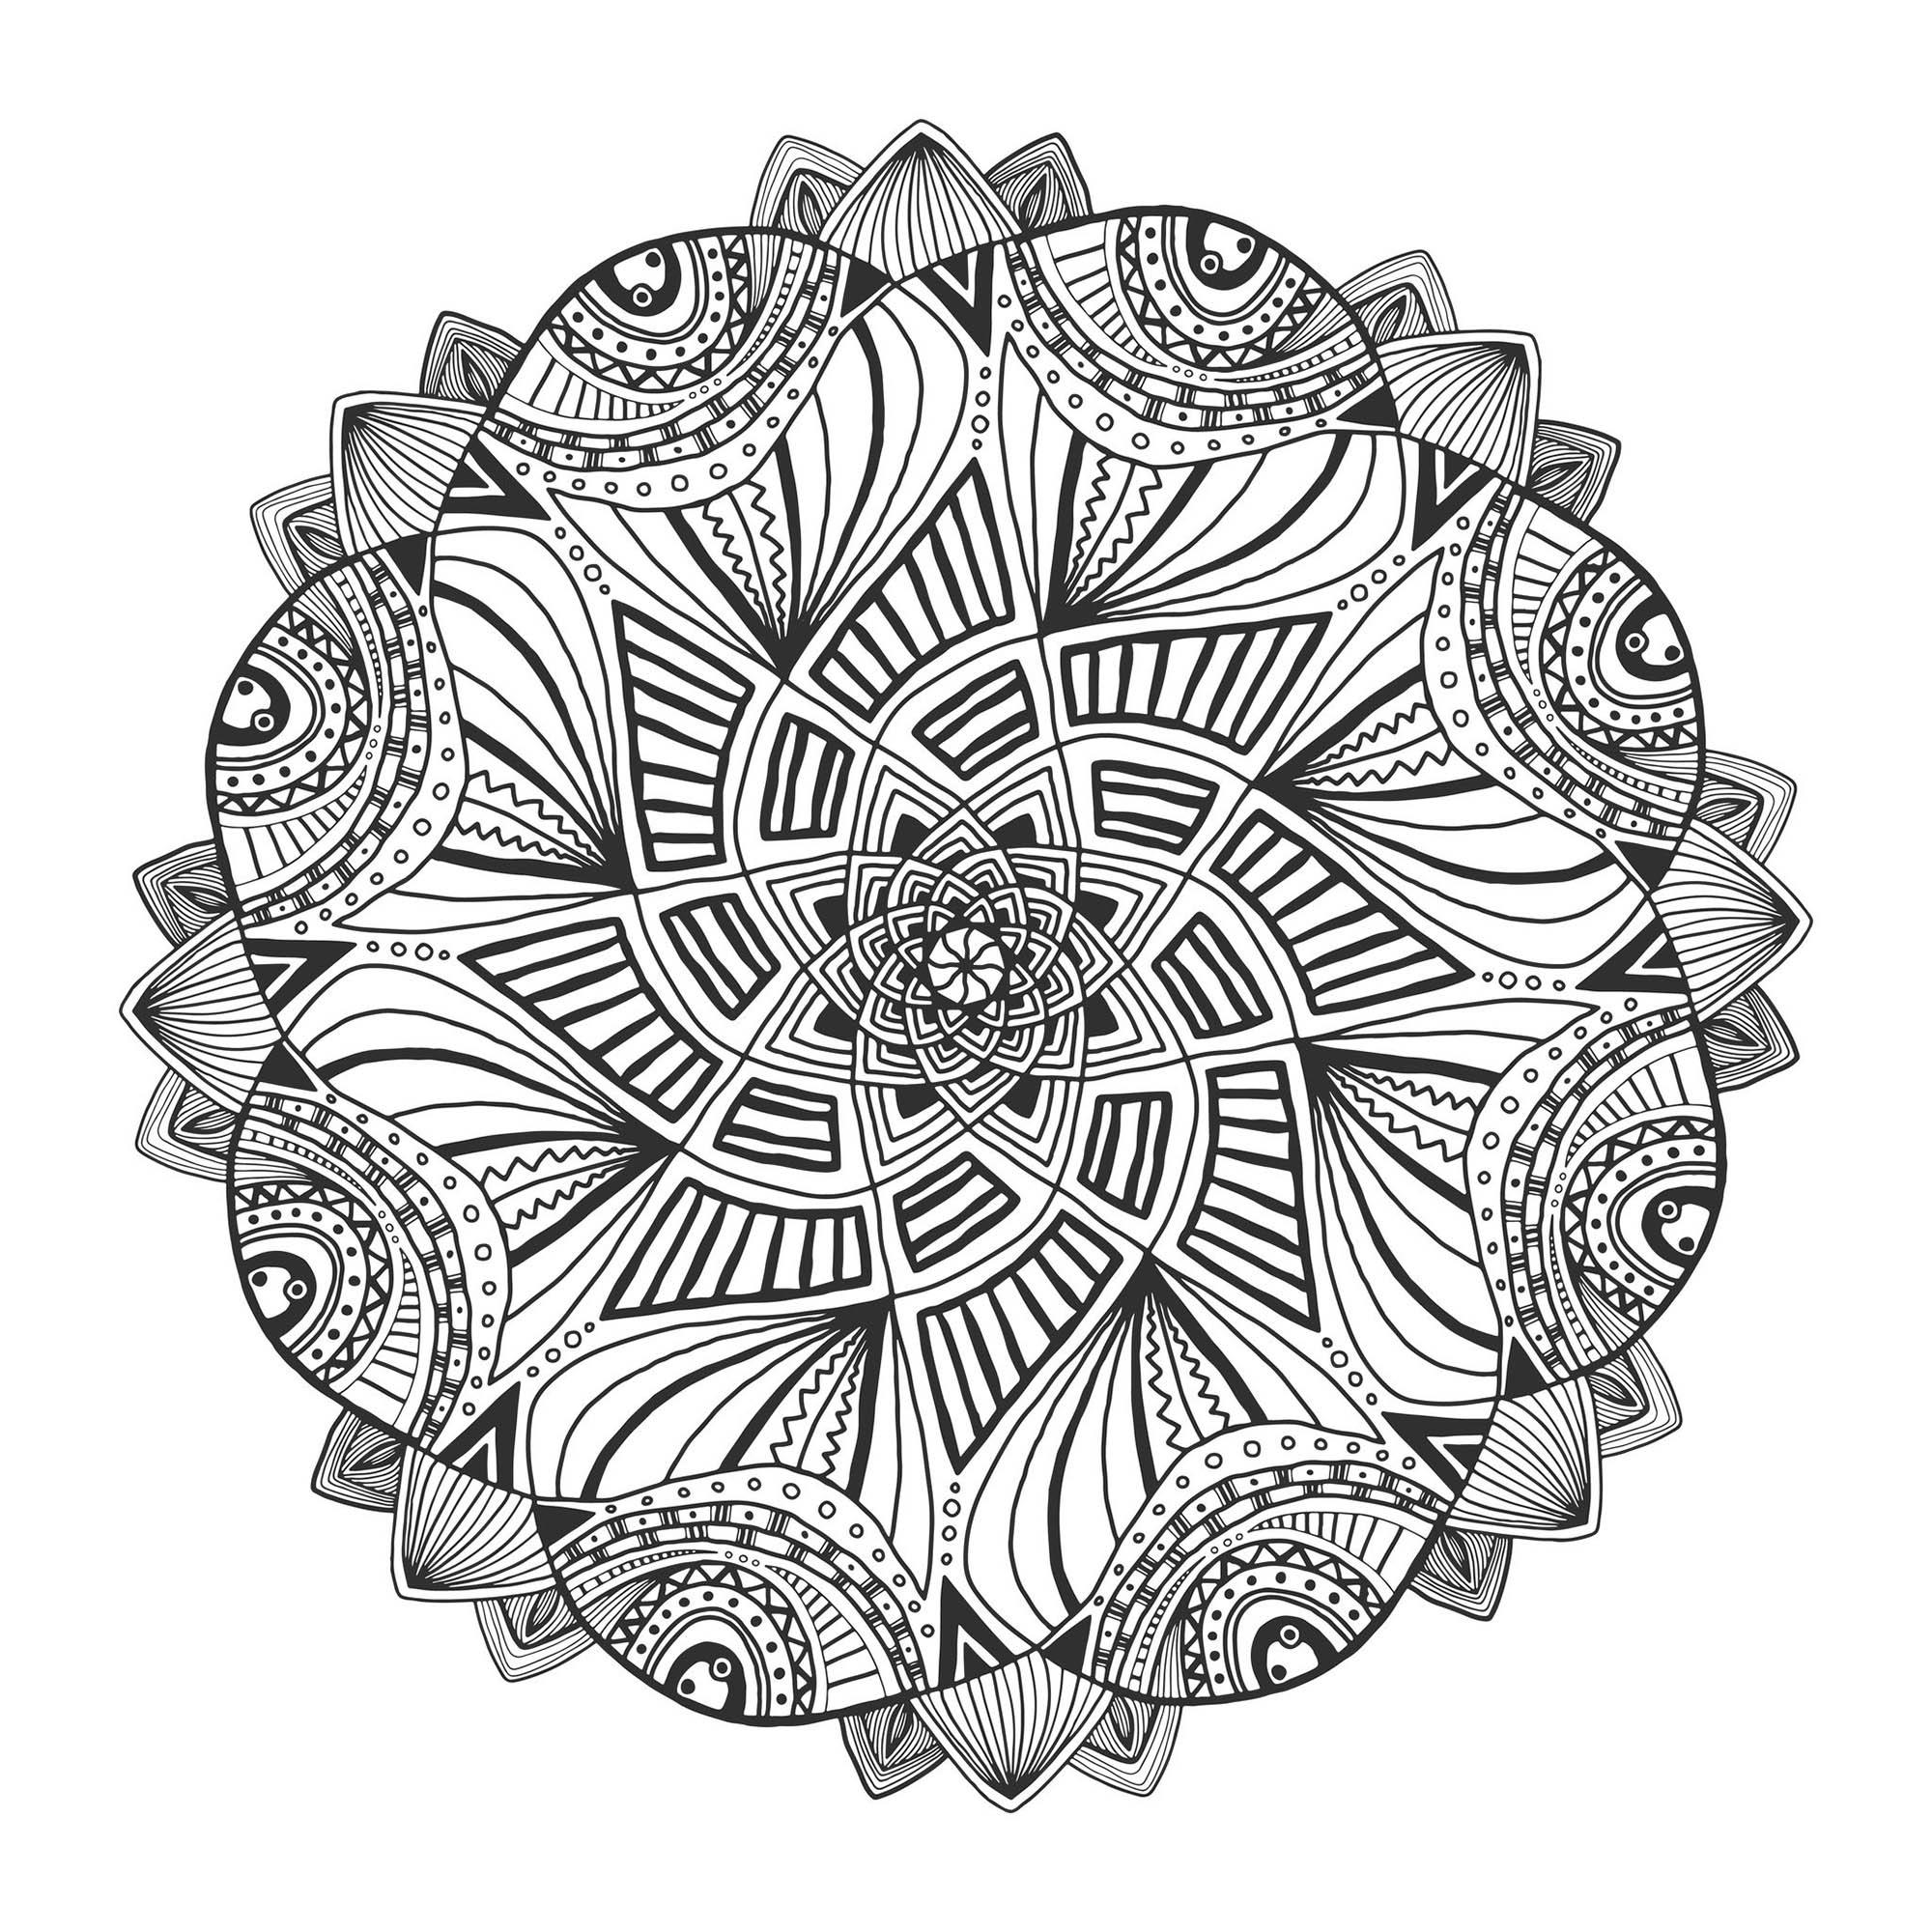 Mandala floral - Mandalas - Coloriages difficiles pour adultes